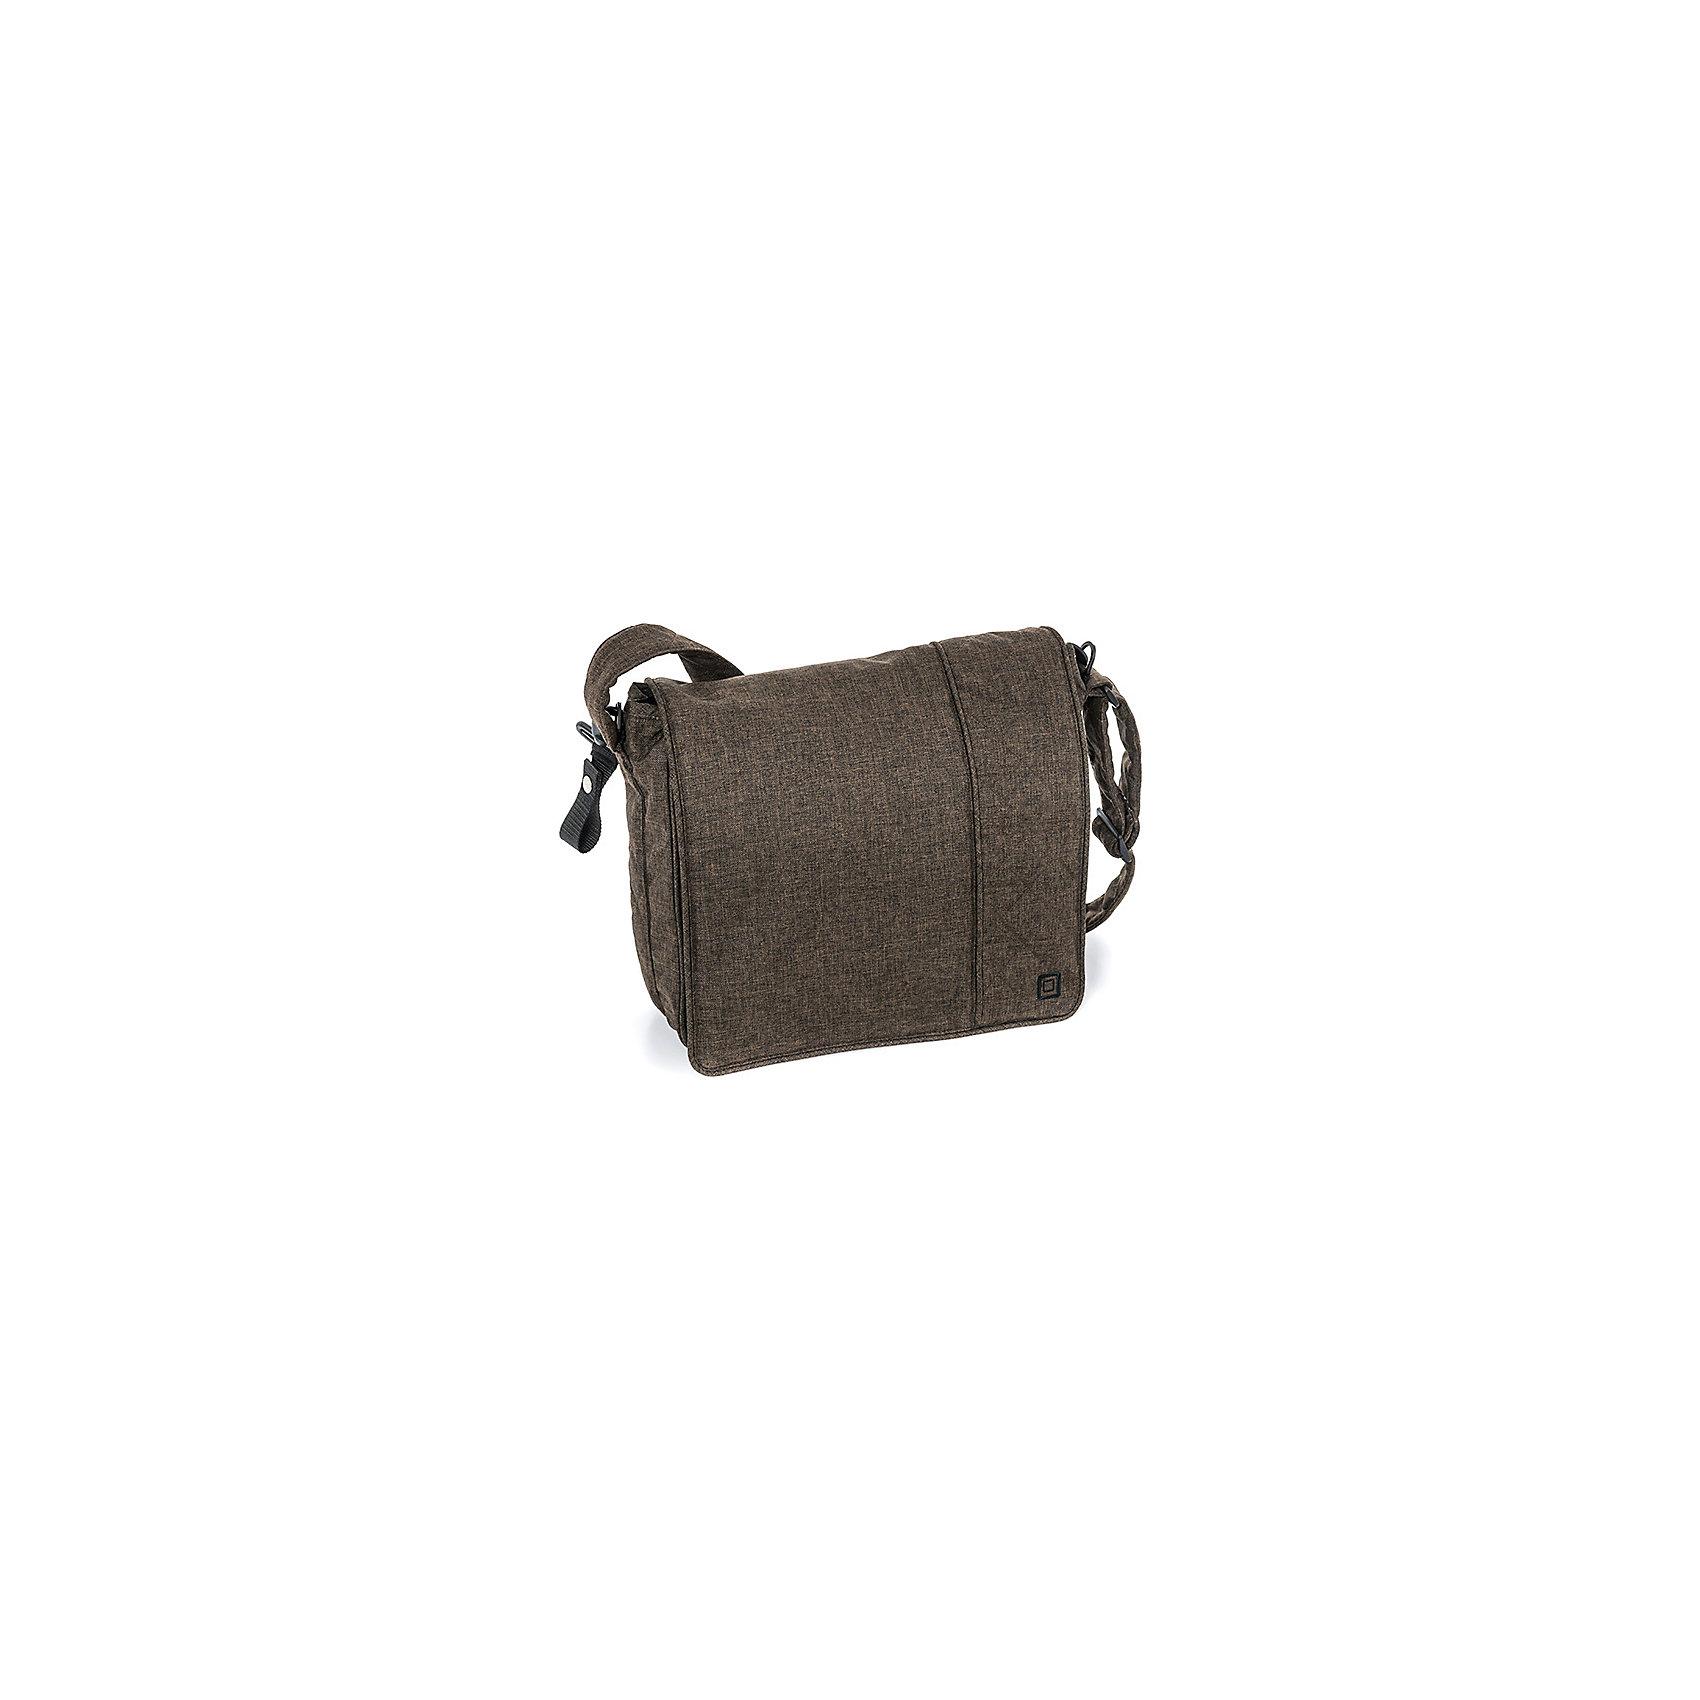 Сумка на коляску, Moon, Dark Brown MelangeСтильная сумка от немецкого производителя детских колясок и аксессуаров – Moon, подойдет к любой коляске<br>В комплекте:<br>• Пеленальный матрасик<br>• Кошелек для мелочей<br>• 3 больших внутренних кармана, есть отделение для смены подгузников, 8 кармашков на сетке для мелочей.<br>• Магнитная застежка<br>• Ручка для переноски, универсальное крепление на коляску<br><br>Ширина мм: 450<br>Глубина мм: 350<br>Высота мм: 100<br>Вес г: 350<br>Возраст от месяцев: 0<br>Возраст до месяцев: 36<br>Пол: Унисекс<br>Возраст: Детский<br>SKU: 5485133